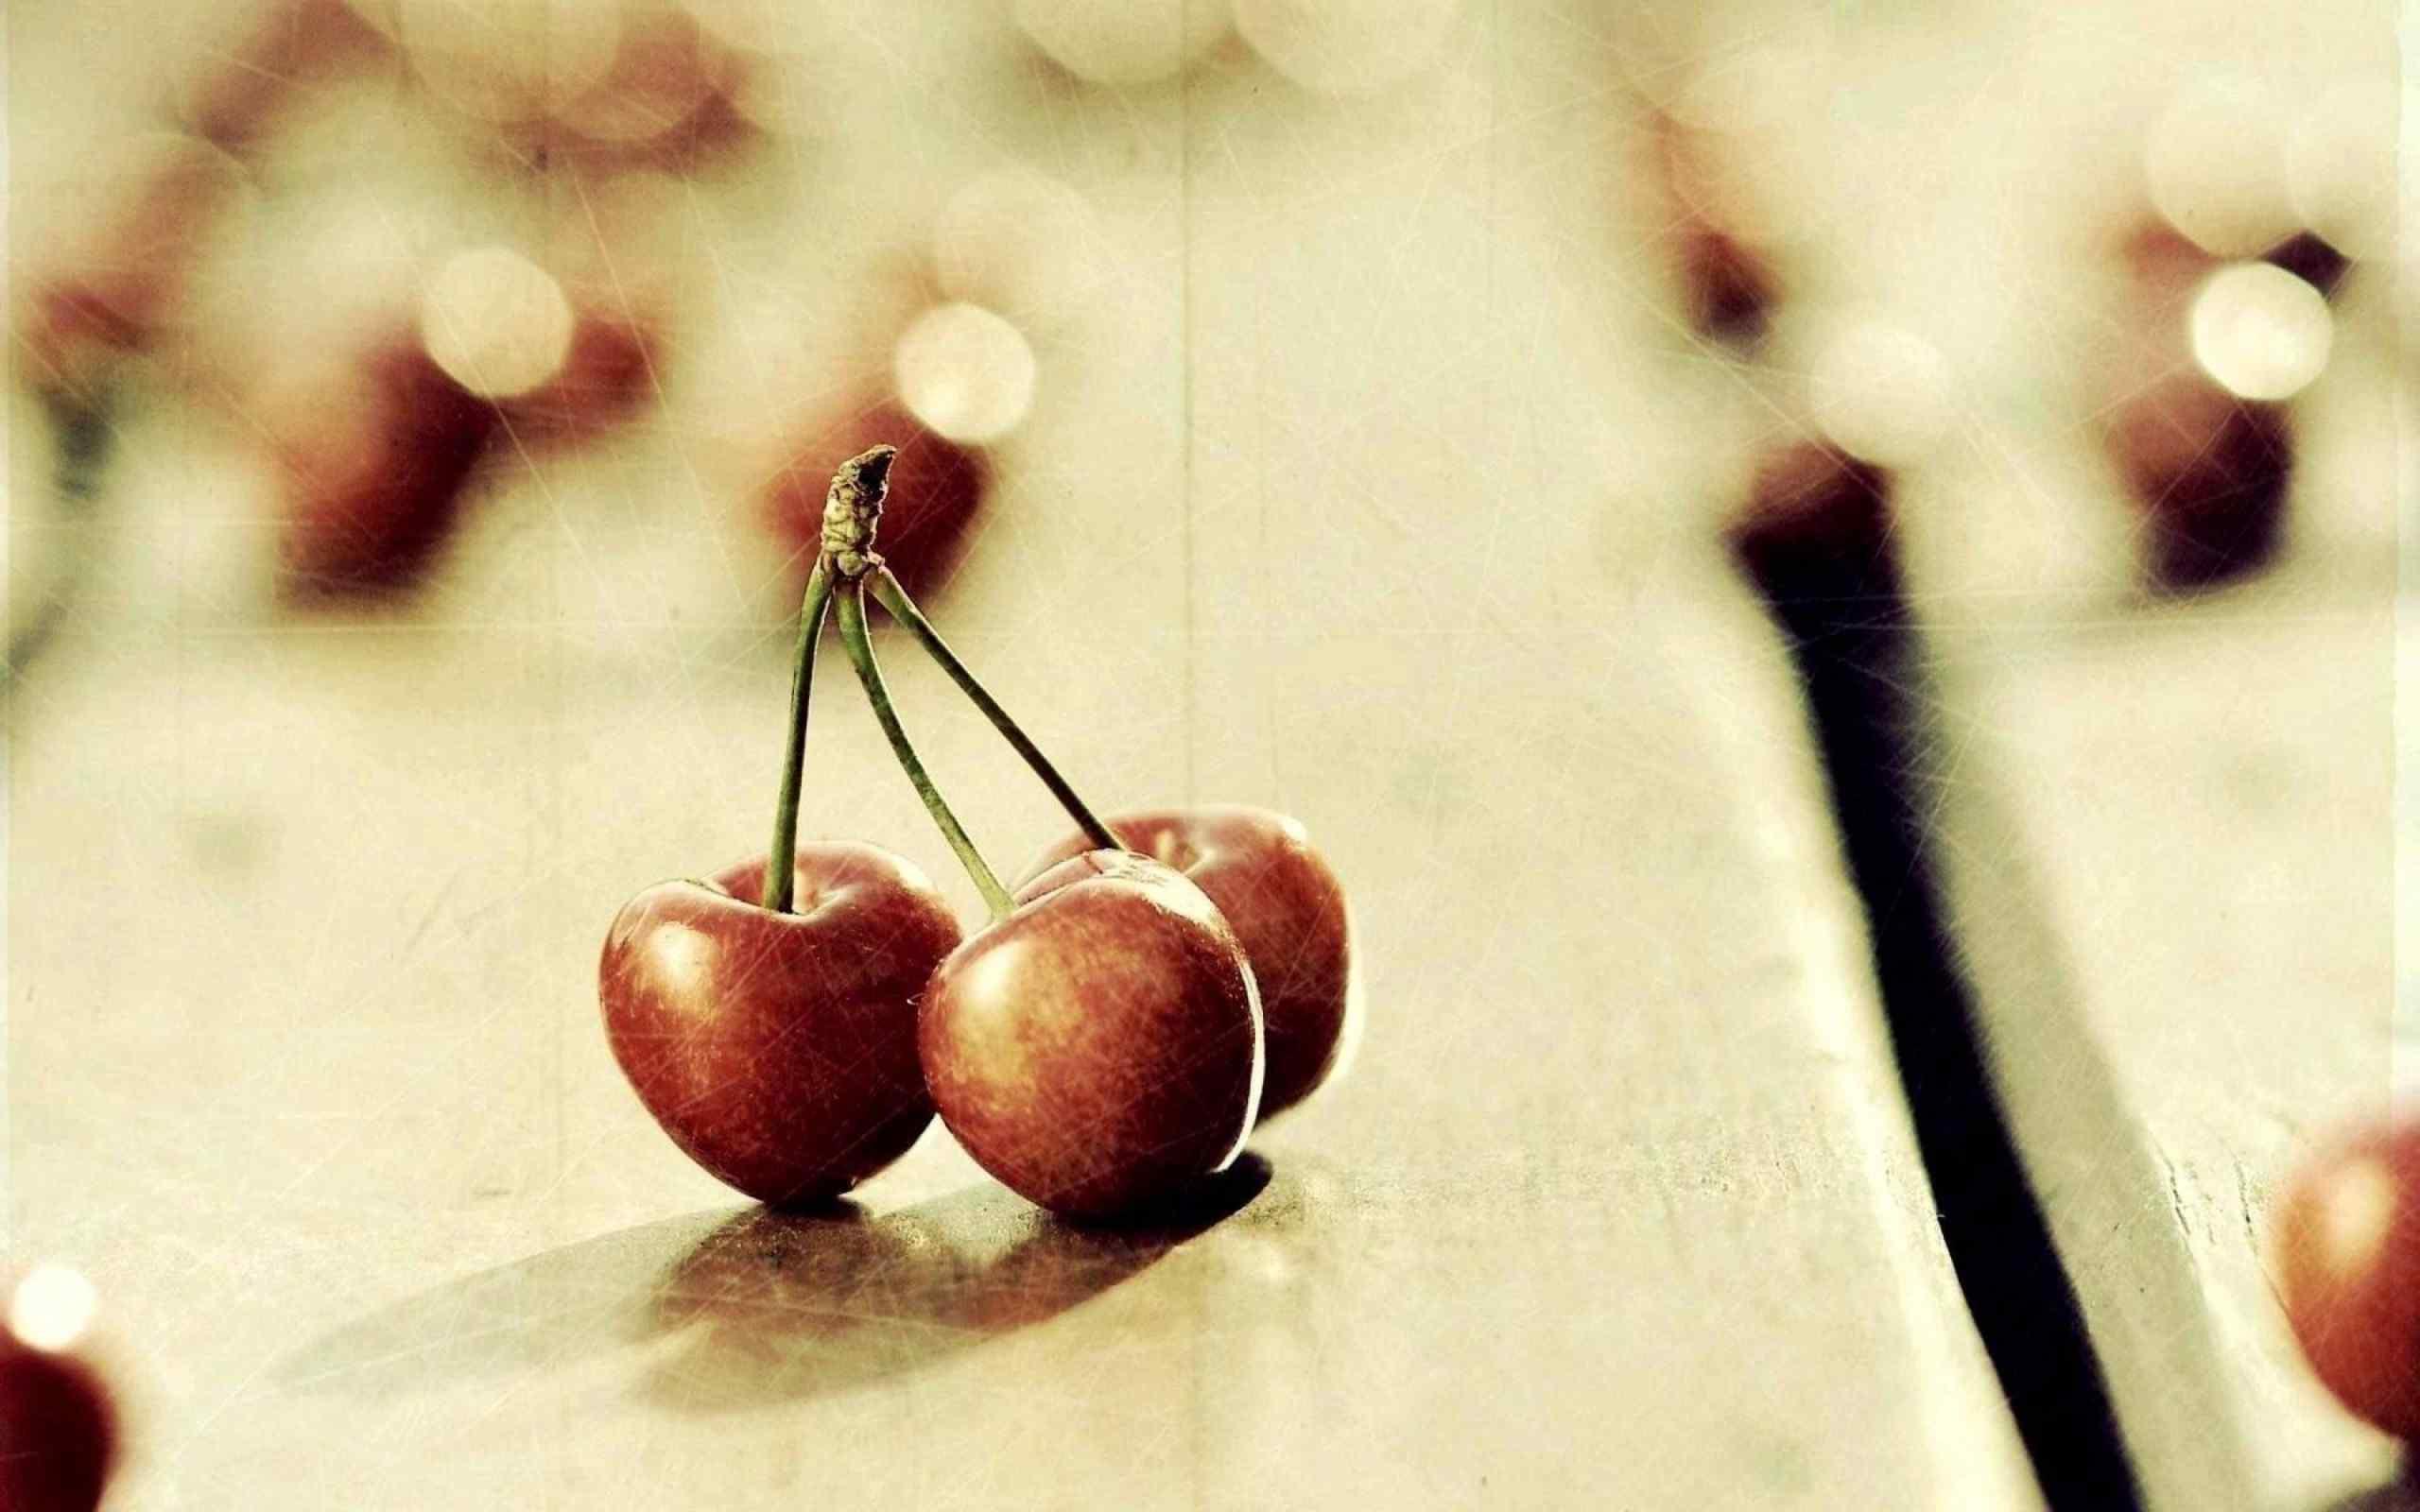 樱桃艺术设计拍摄桌面壁纸